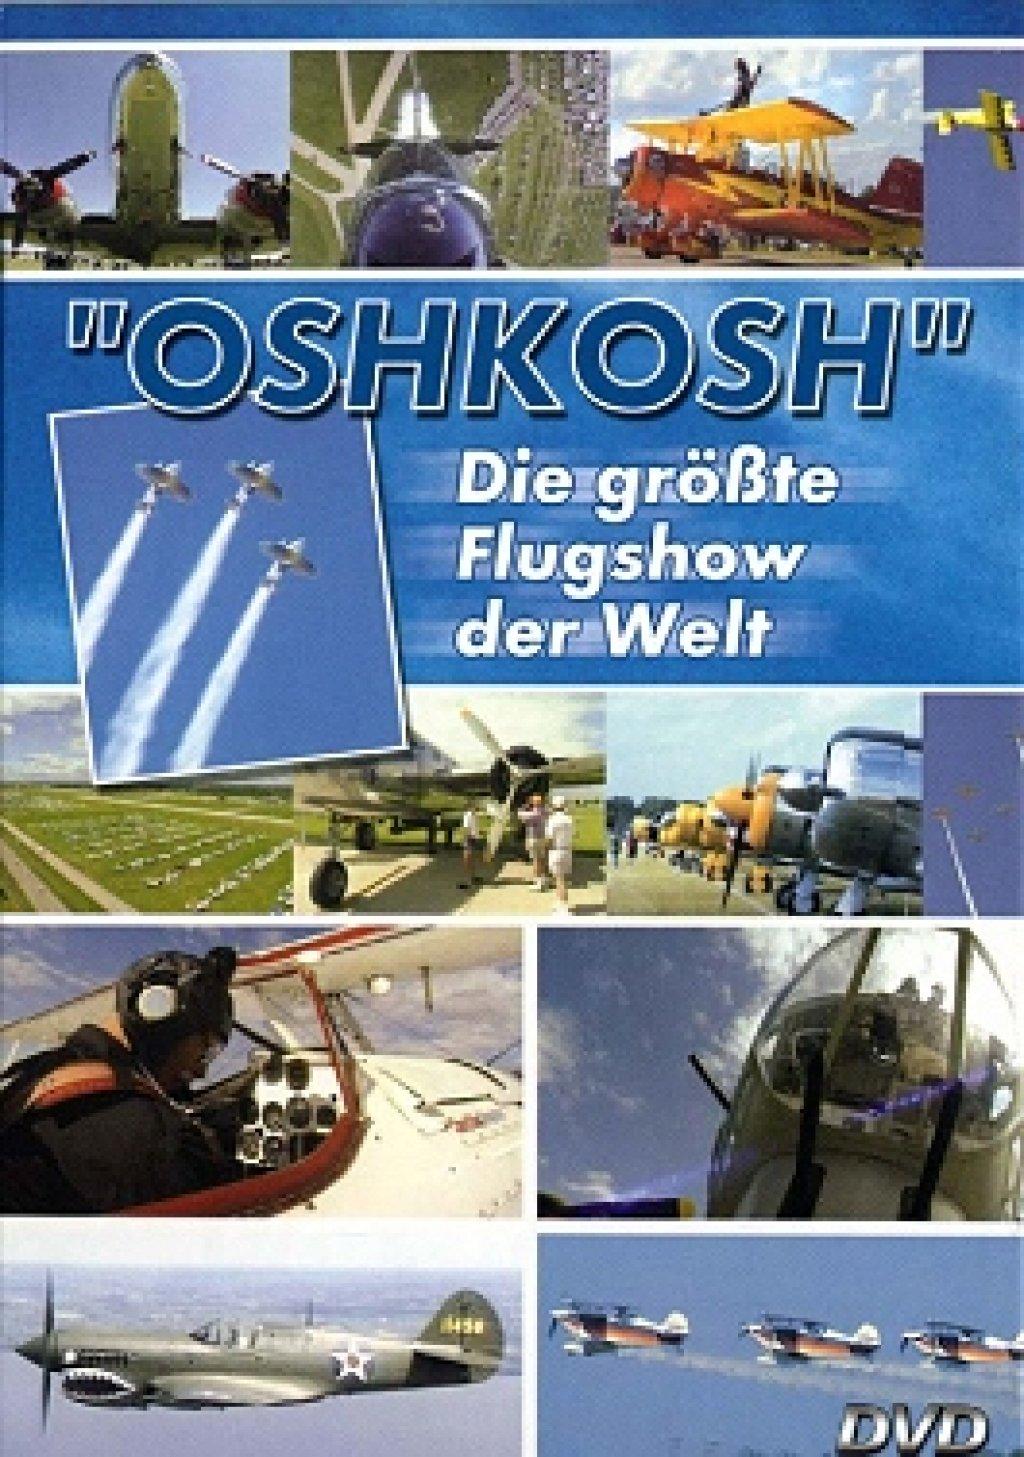 Oshkosh - Die größte Flugshow der Welt (DVD)